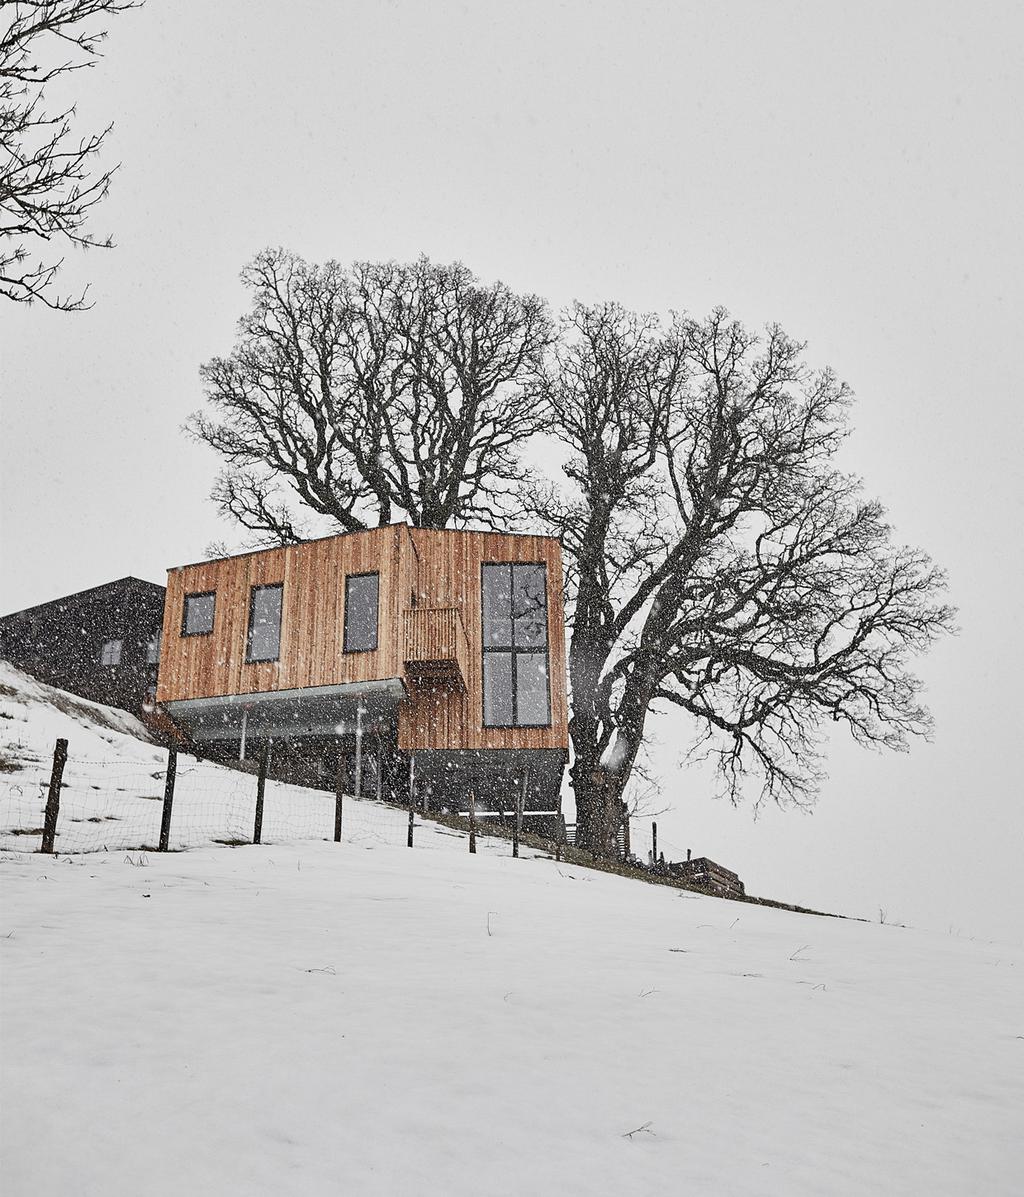 Duurzame boomhut in Tirol | vtwonen 13-2020